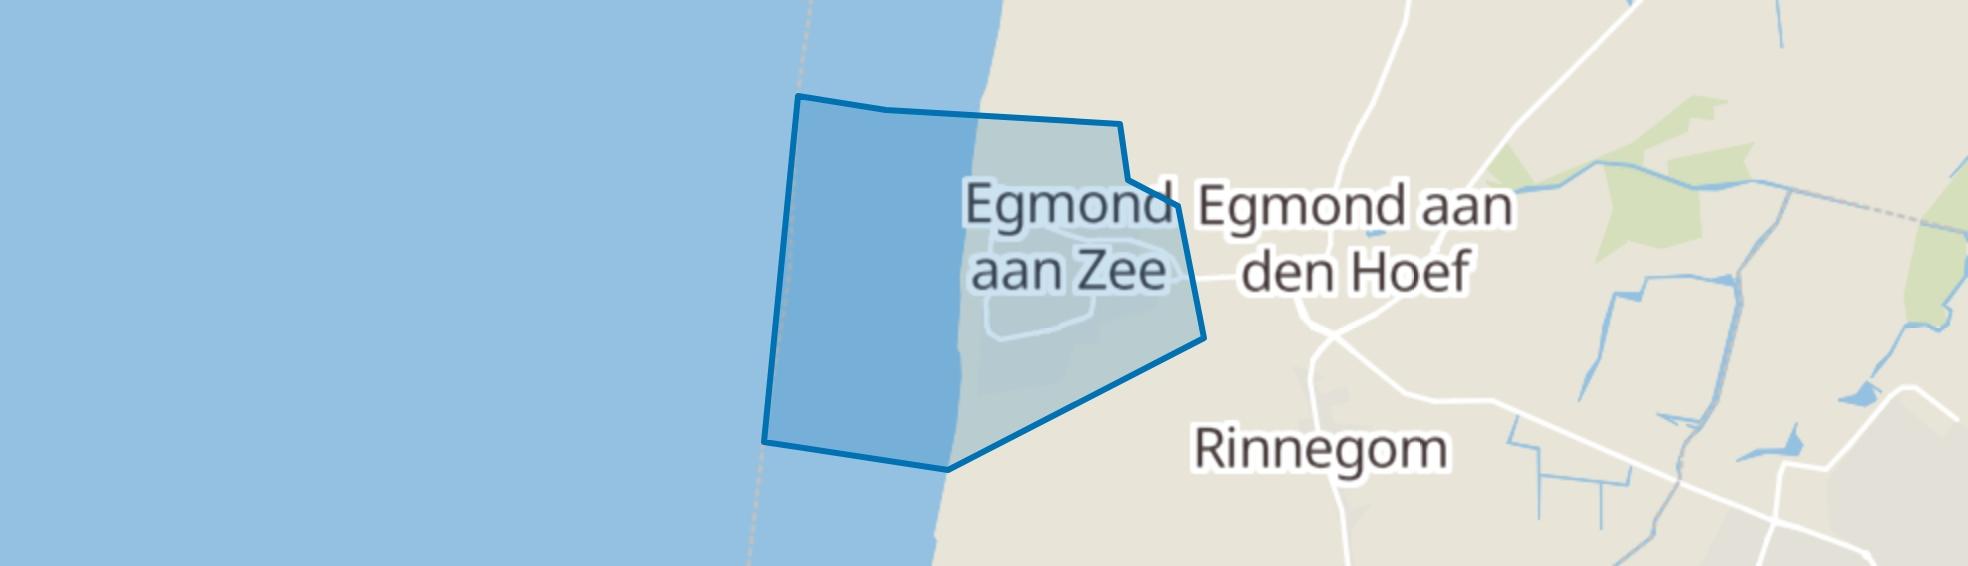 Egmond aan Zee map